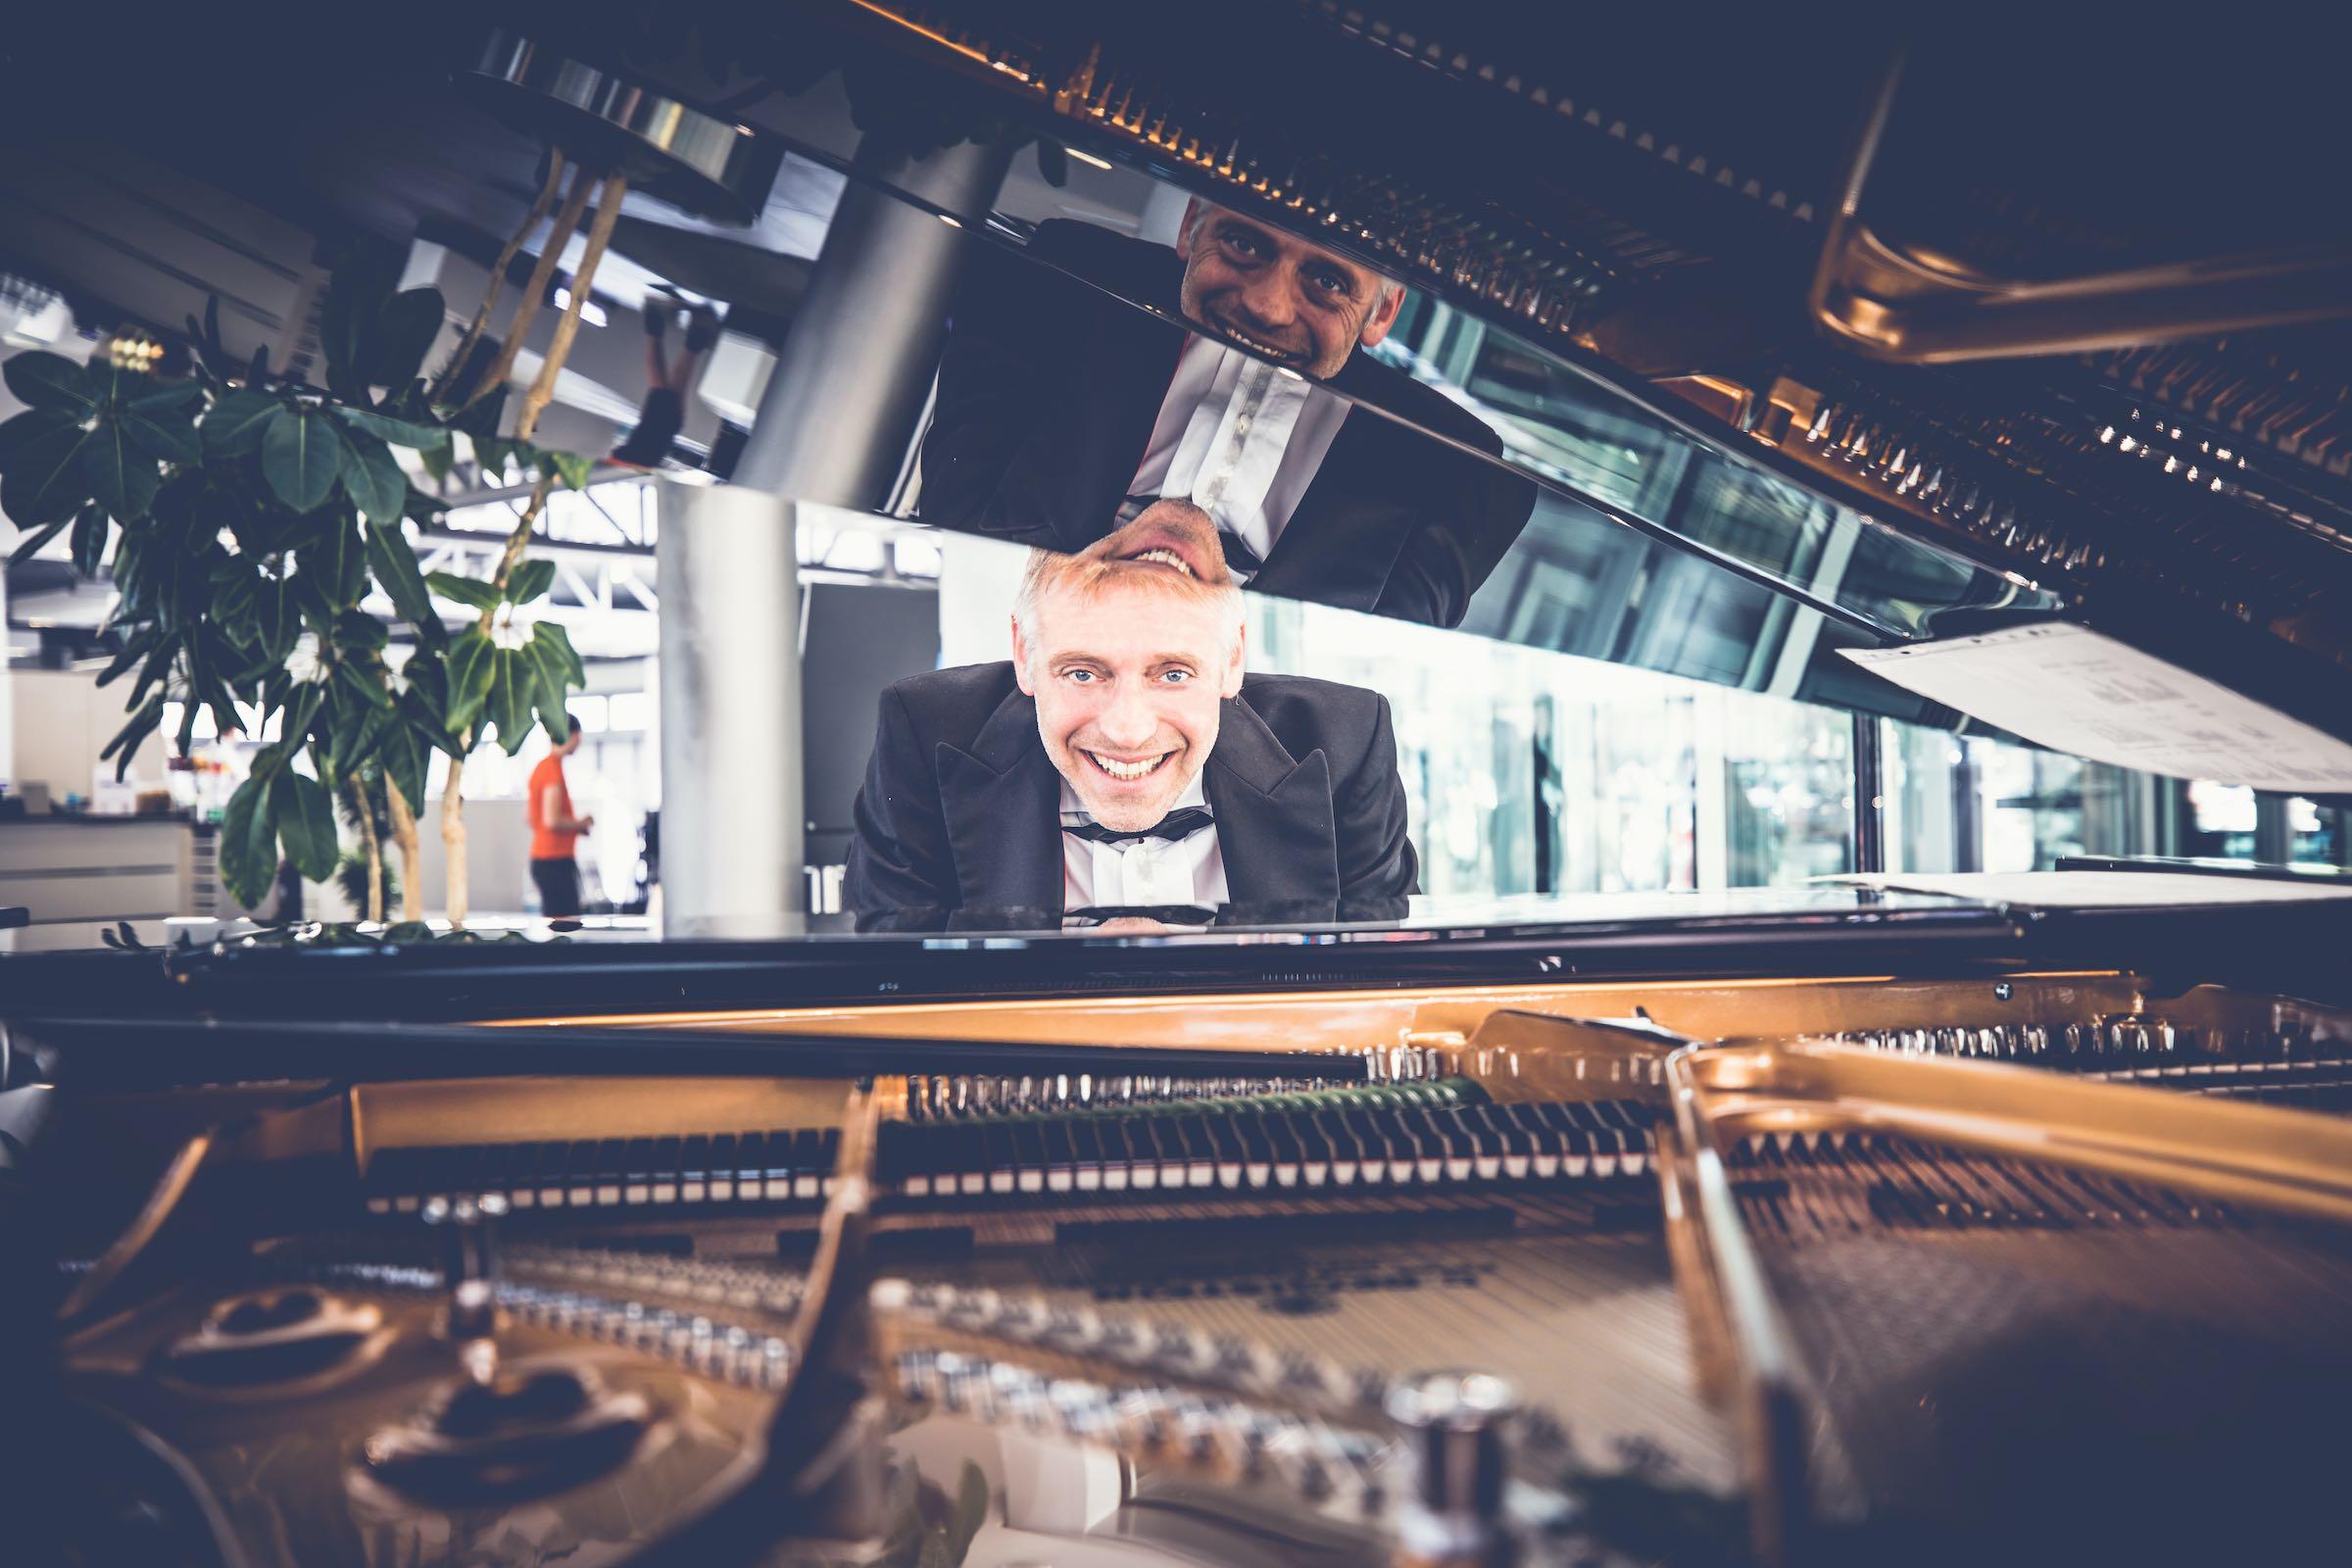 Pianist   Klavierspieler   Hannover   Flügel   Piano   Livemusik   Standesamt   Trauung   Jazz   Swing   Lounge   Empfang   Pop   Hochzeit   Messe   Firmenfeier   Charity   Gala   Buchen   Mieten   Anfragen